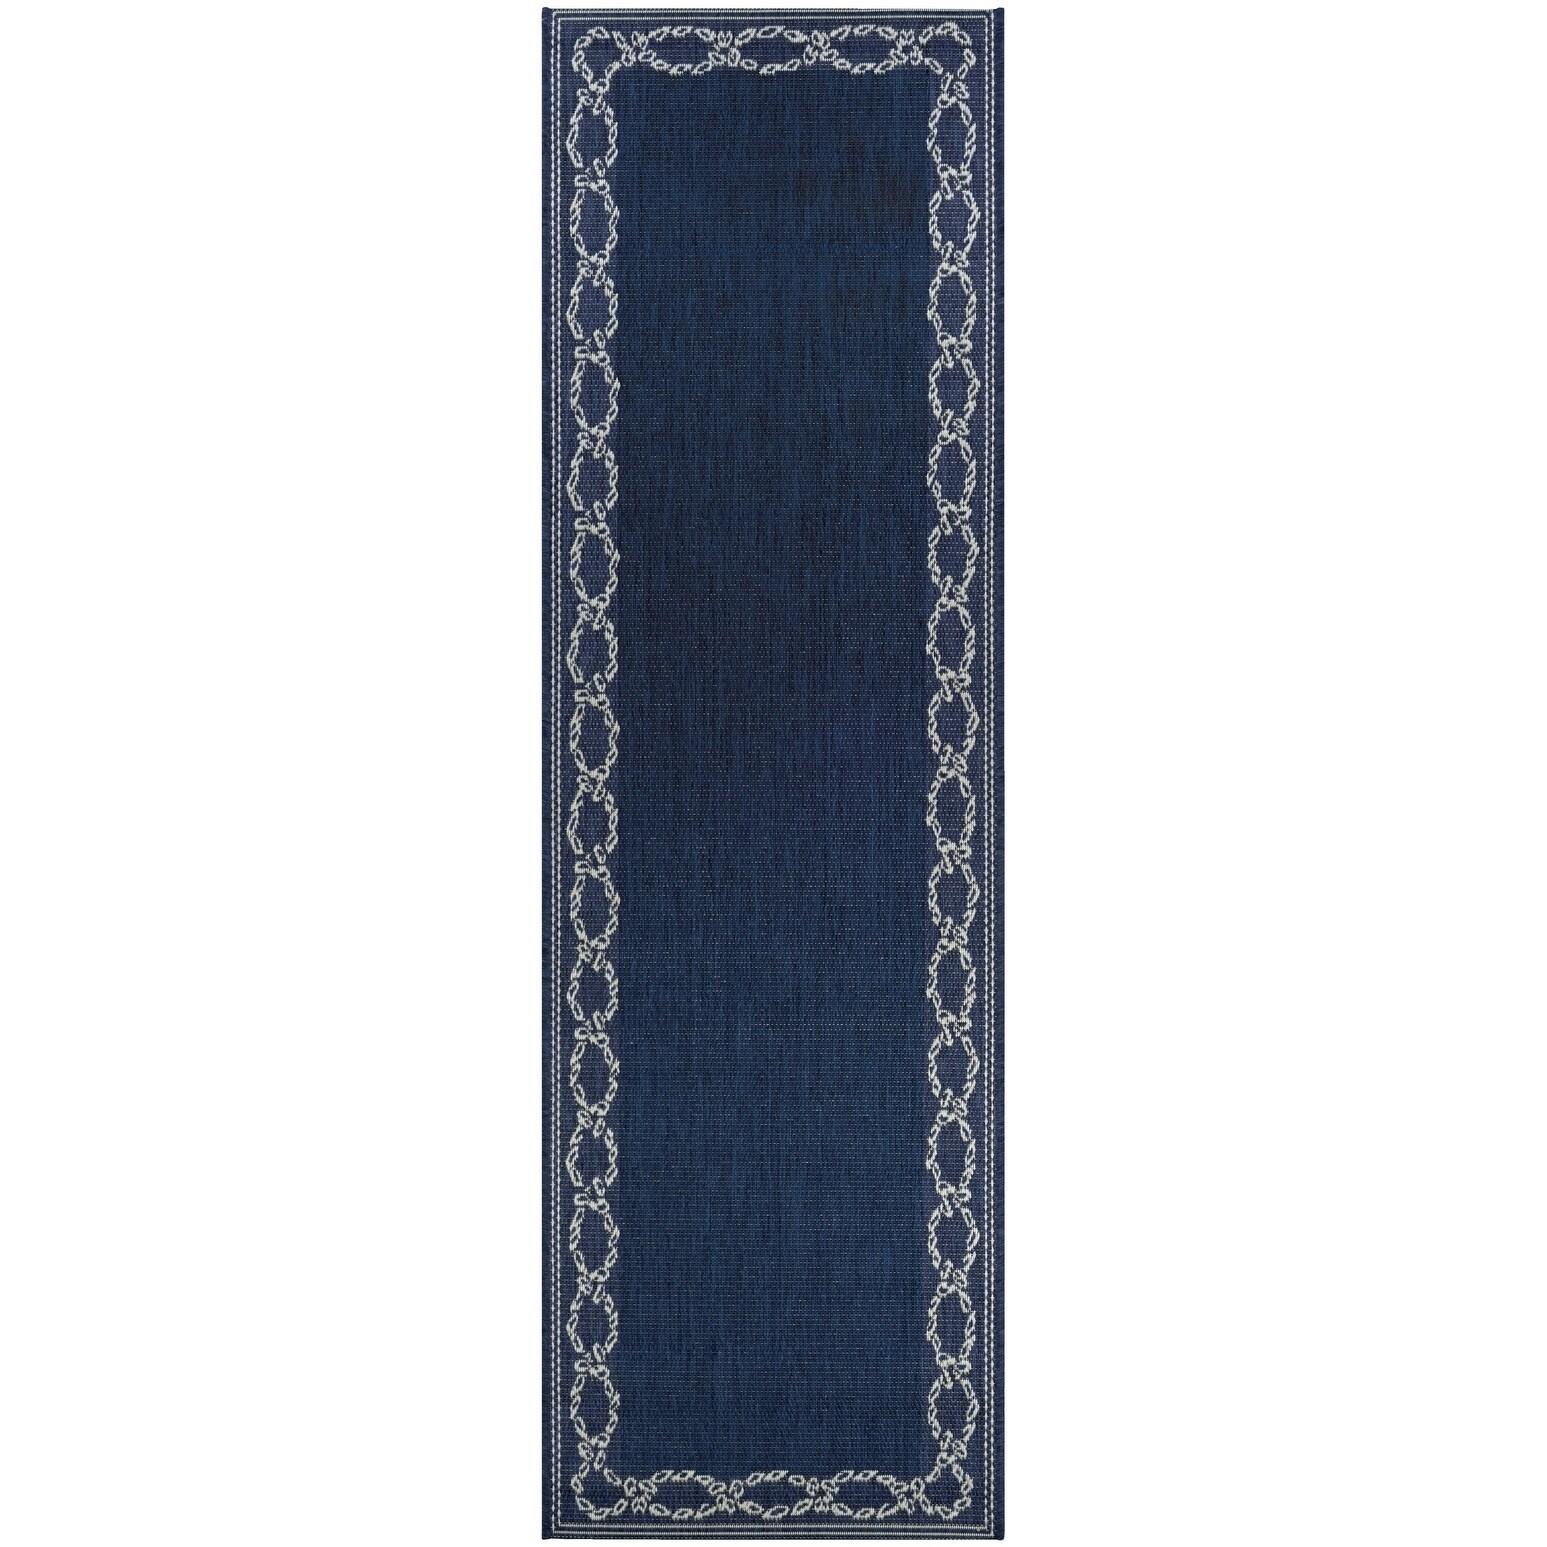 Shop Pergola Link Ivory Blue Indoor Outdoor Runner Rug 2 3 X 11 9 Runner Overstock 21132972